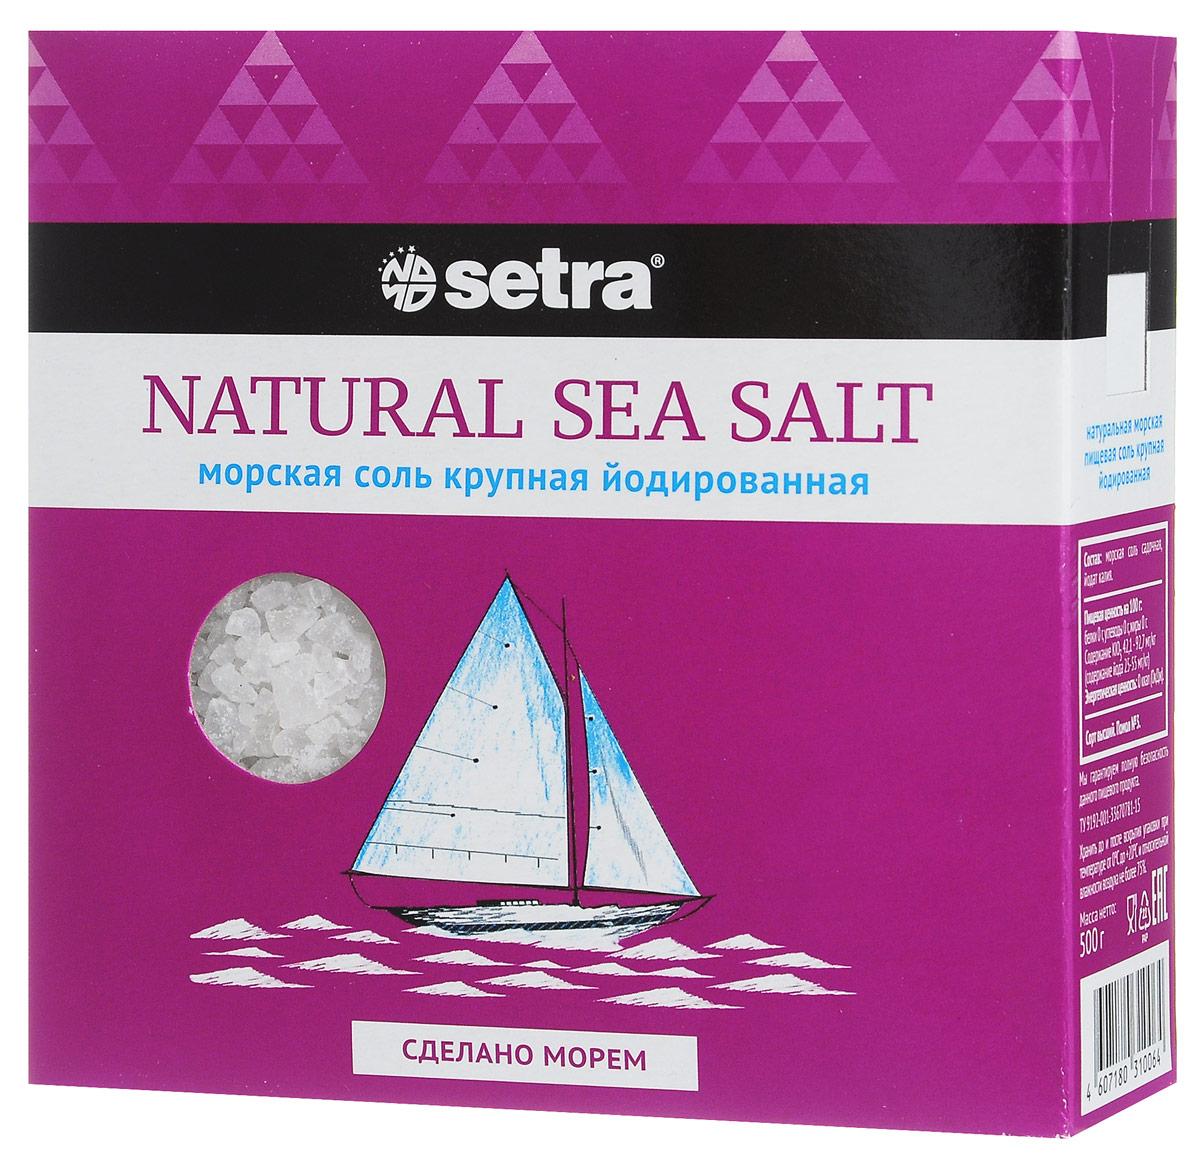 Setra соль морская крупная йодированная, 500 г соль setra морская мелкая йодированная 500 г